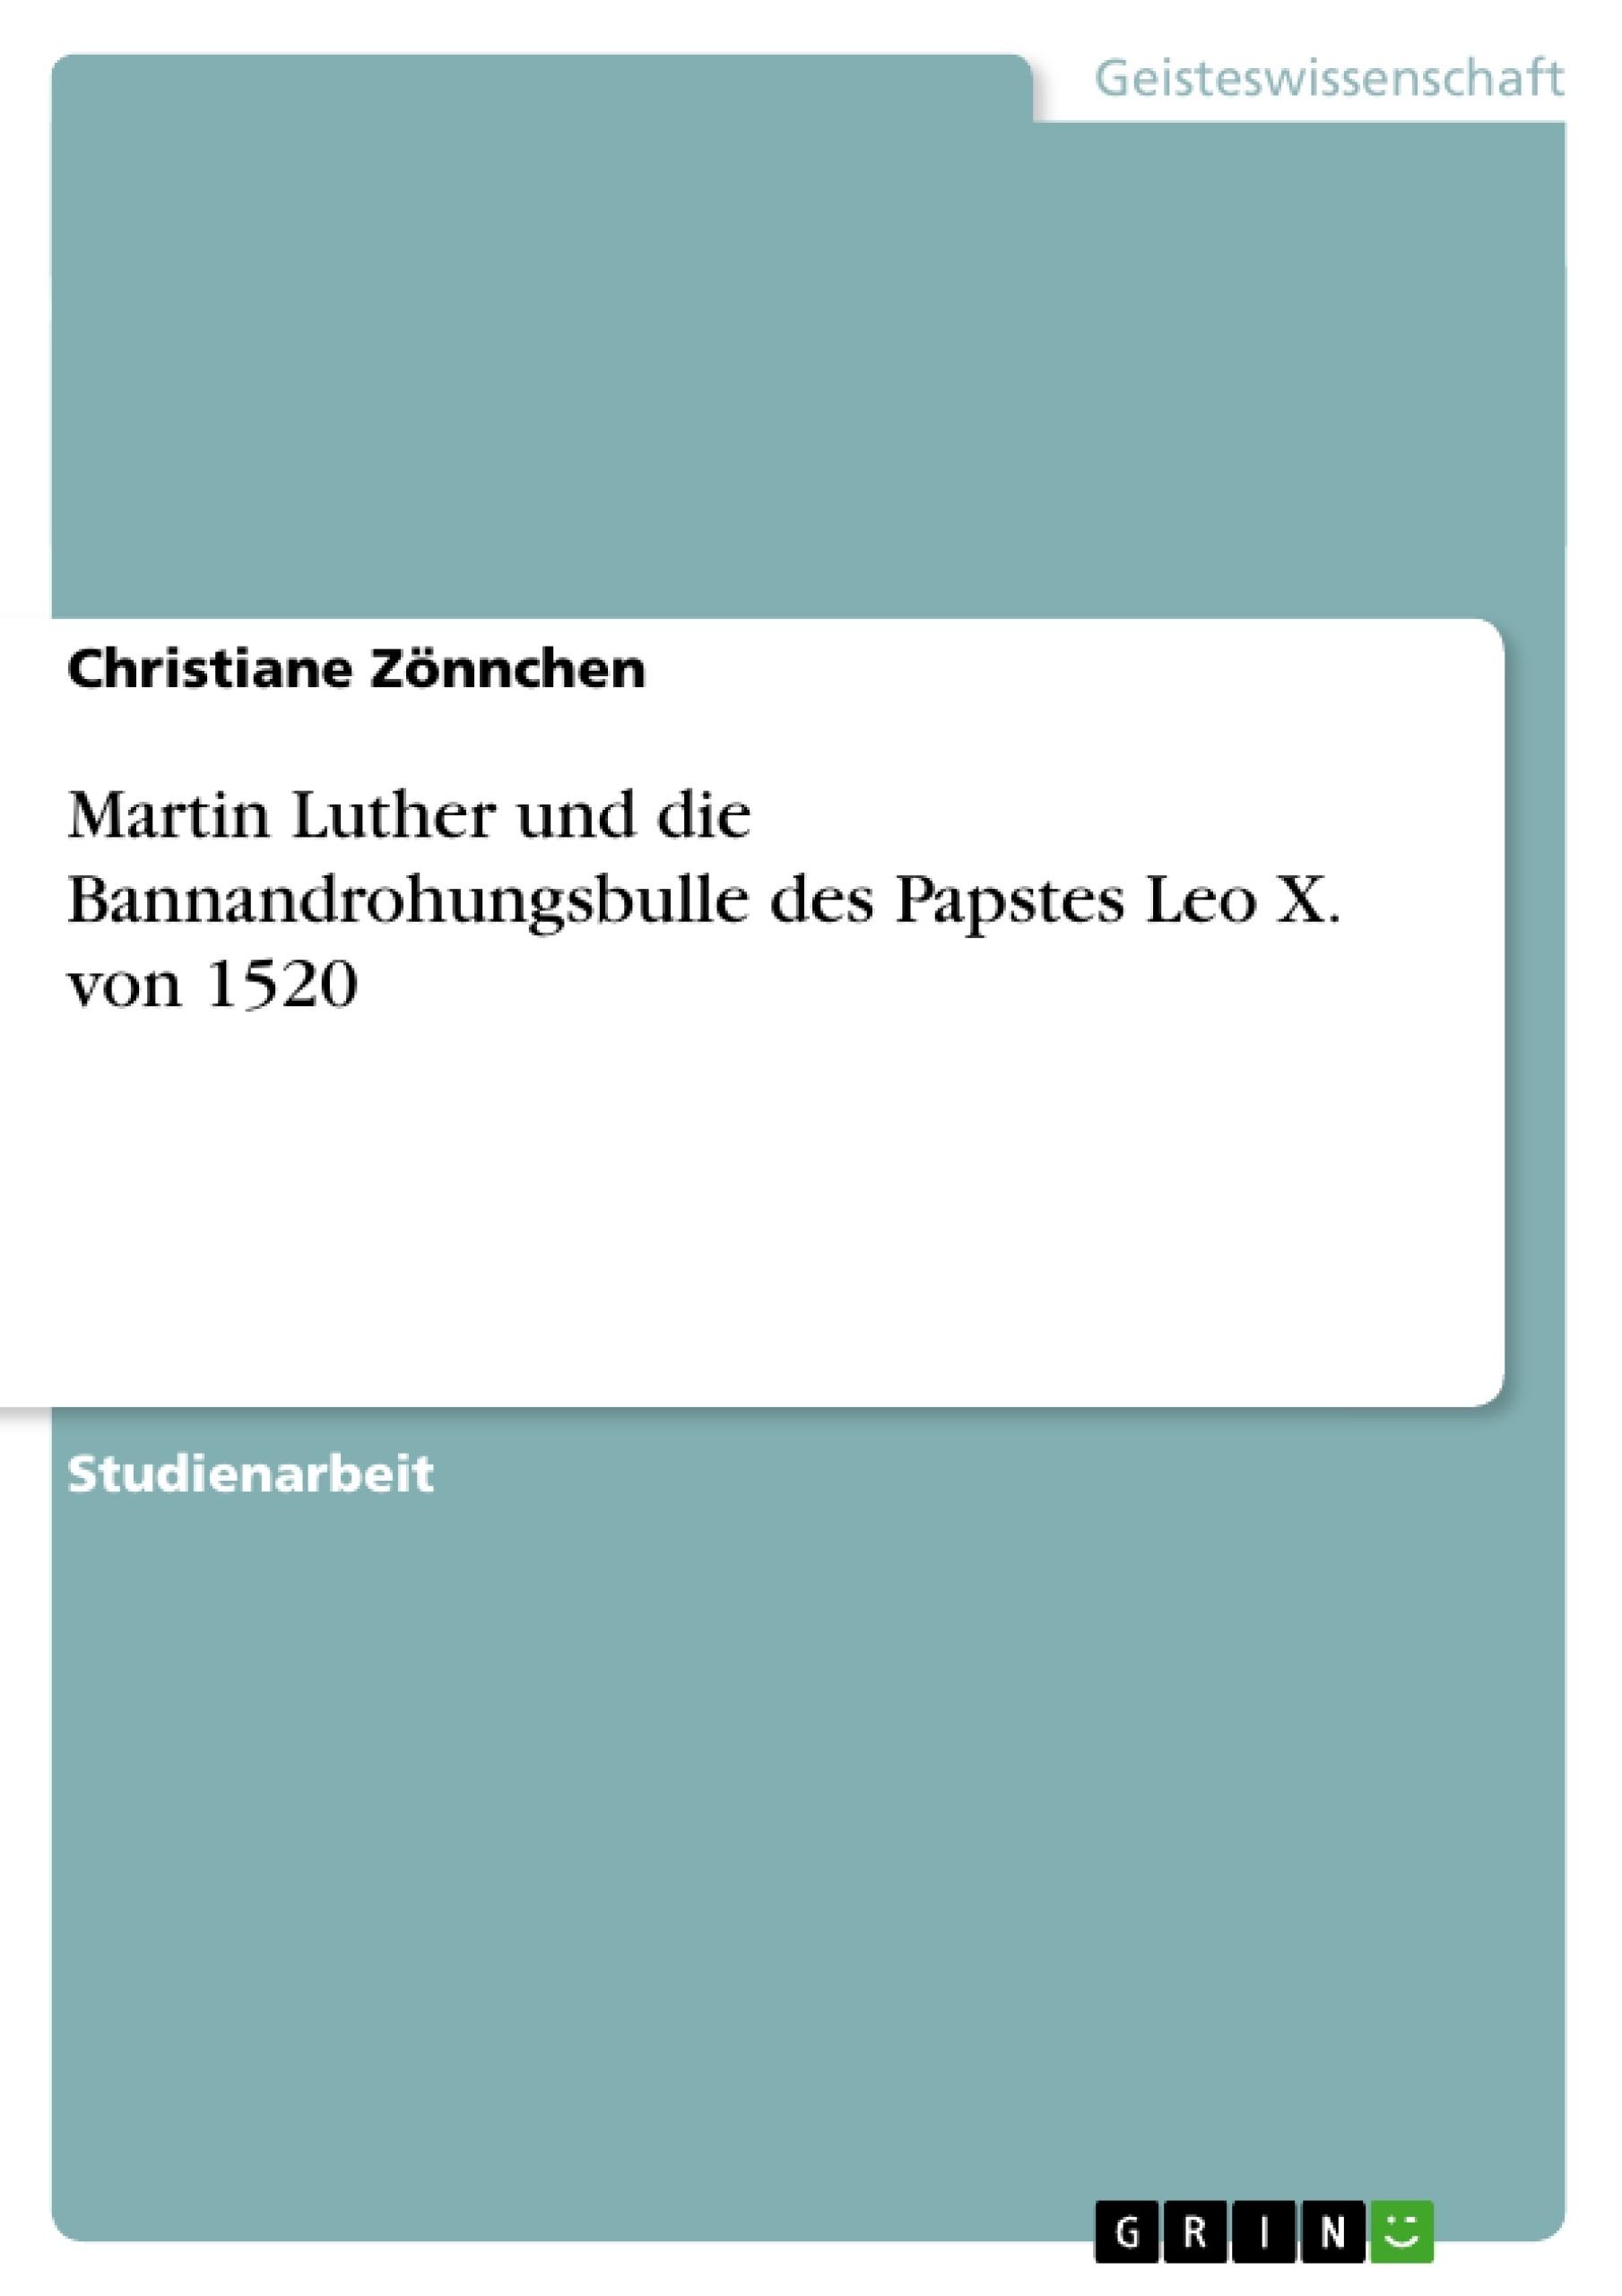 Titel: Martin Luther und die Bannandrohungsbulle des Papstes Leo X. von 1520